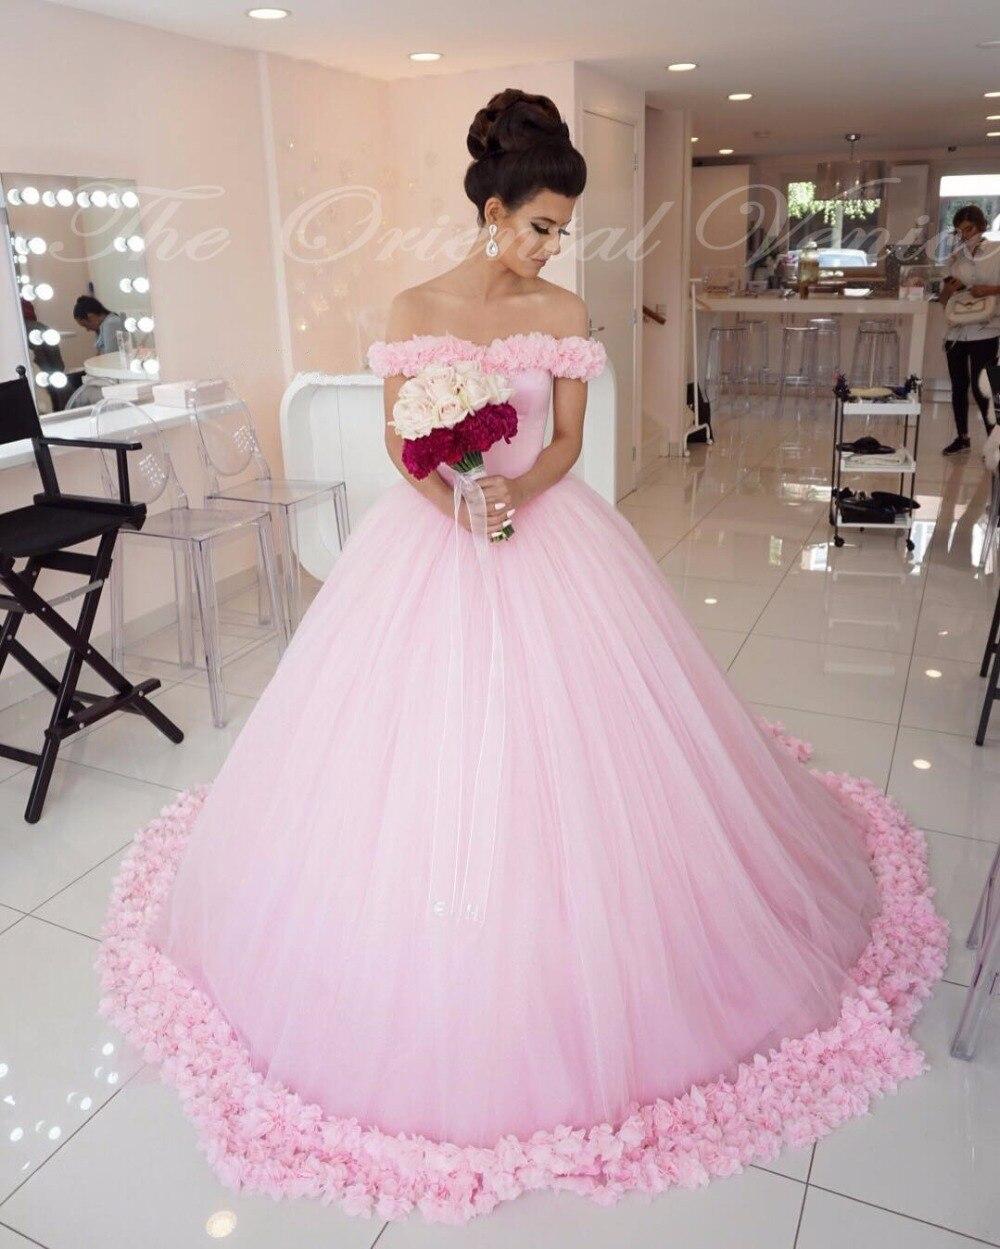 2017 Rose Tulle robe de Bal Princesse Robe Hors de L\u0027épaule De Mariage De  Style 3D Fleur Flore Robes De Mariée Robes De Mariage De Cendrillon de la  boutique